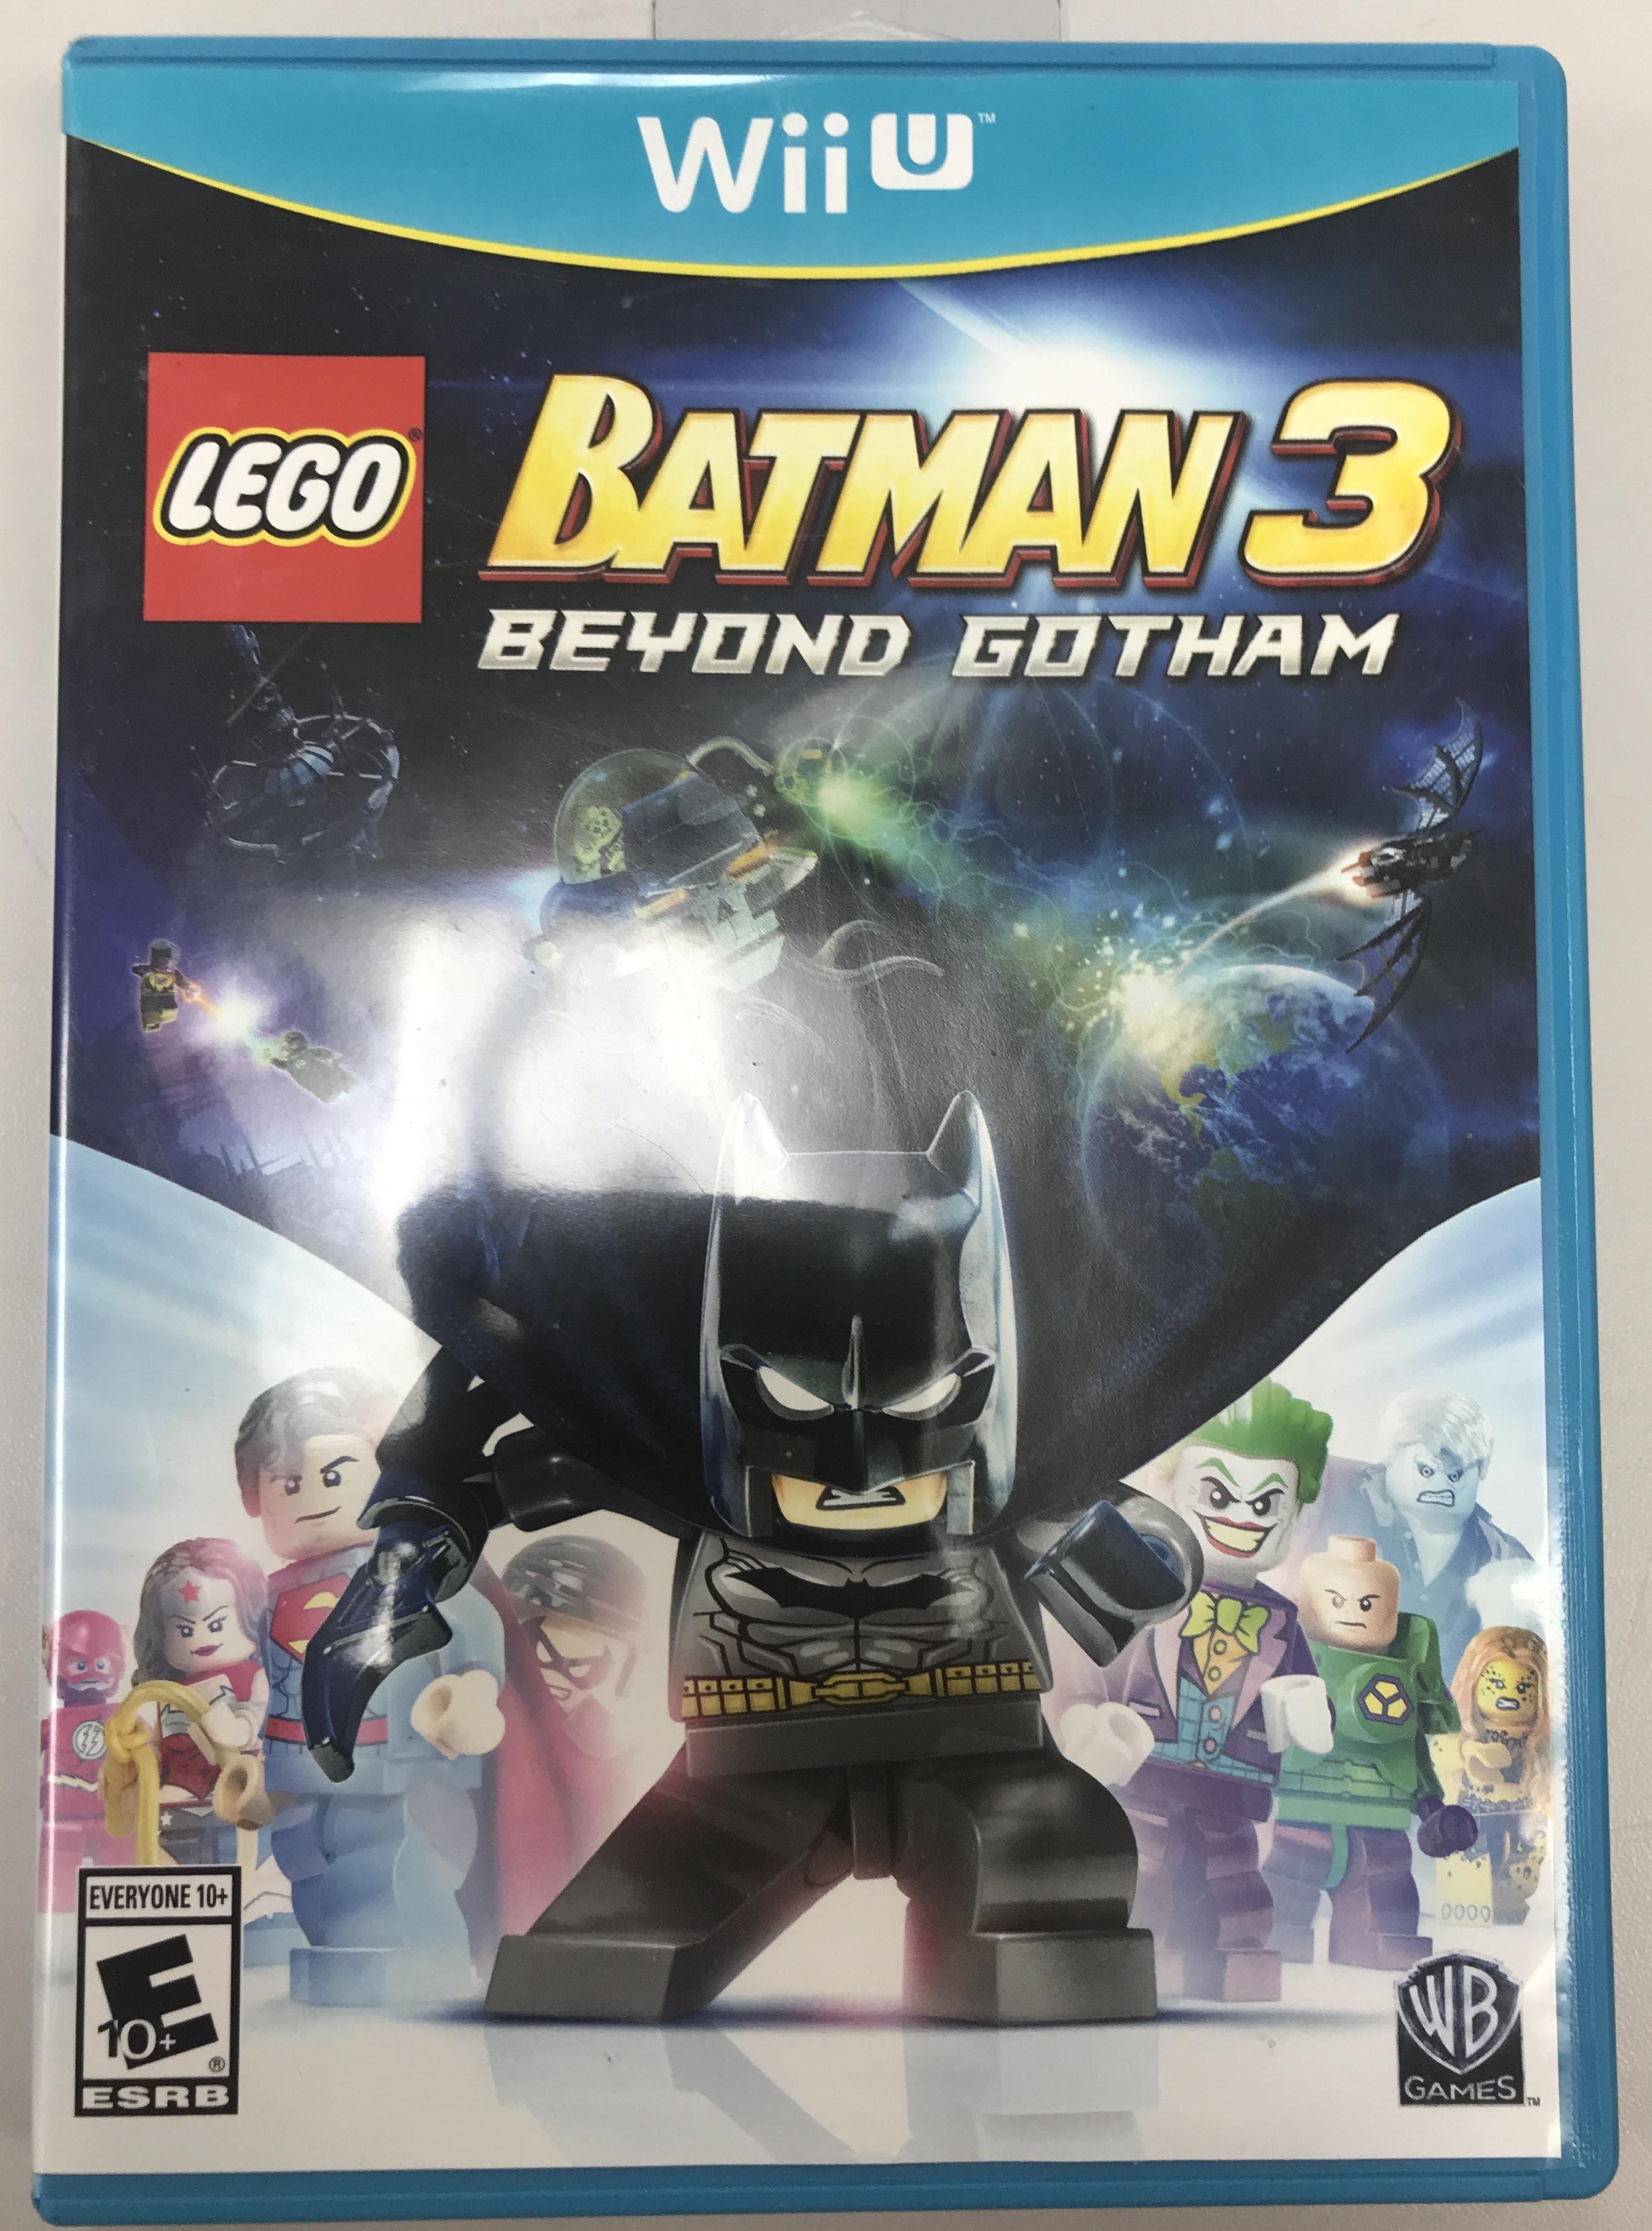 LEGO: BATMAN 3 BEYOND GOTHAM - NINTENDO WII U GAME